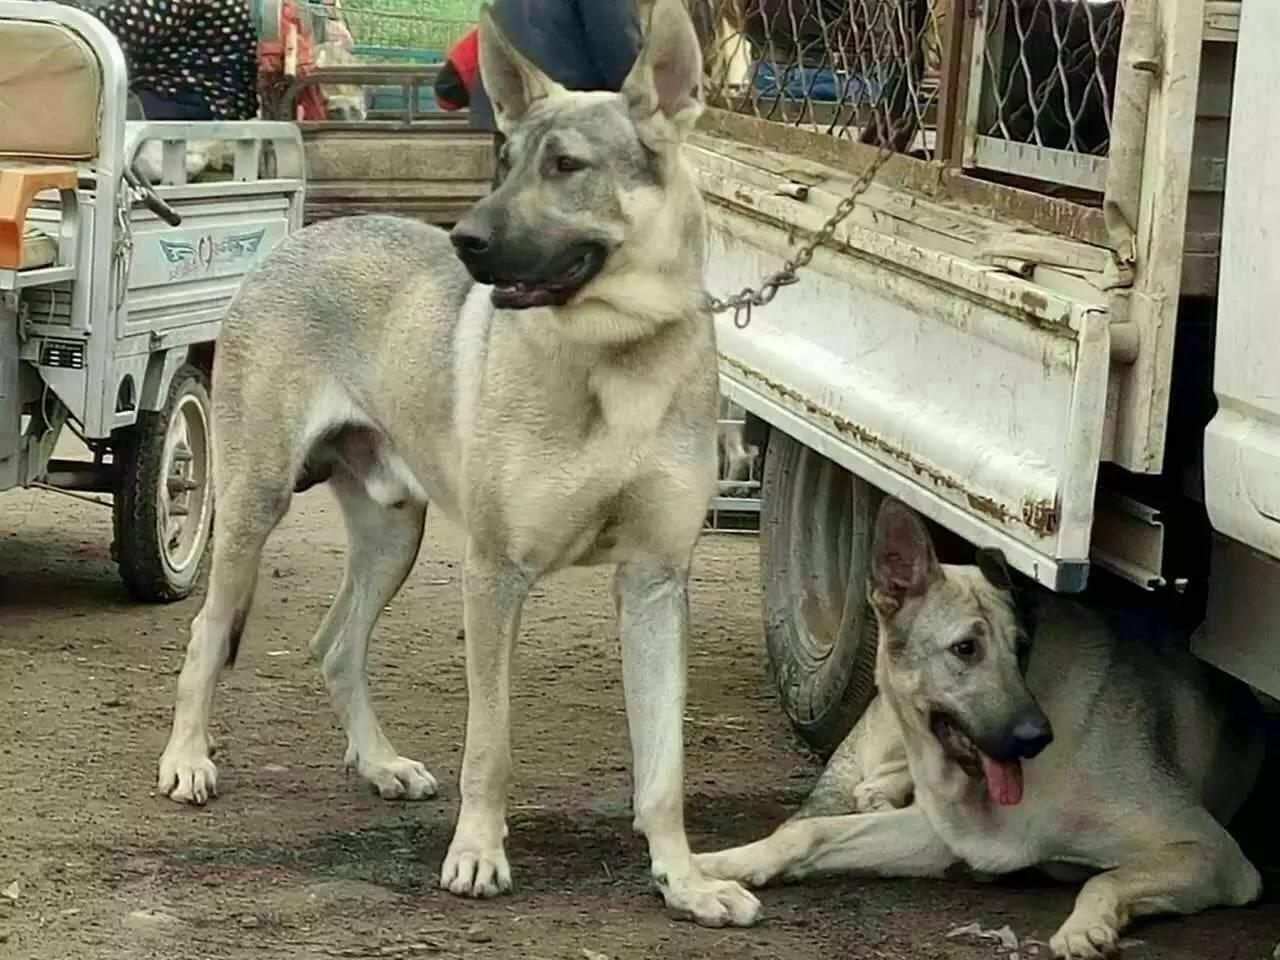 纯种狼青犬多少钱一只哪里有卖的怎么联系卖家